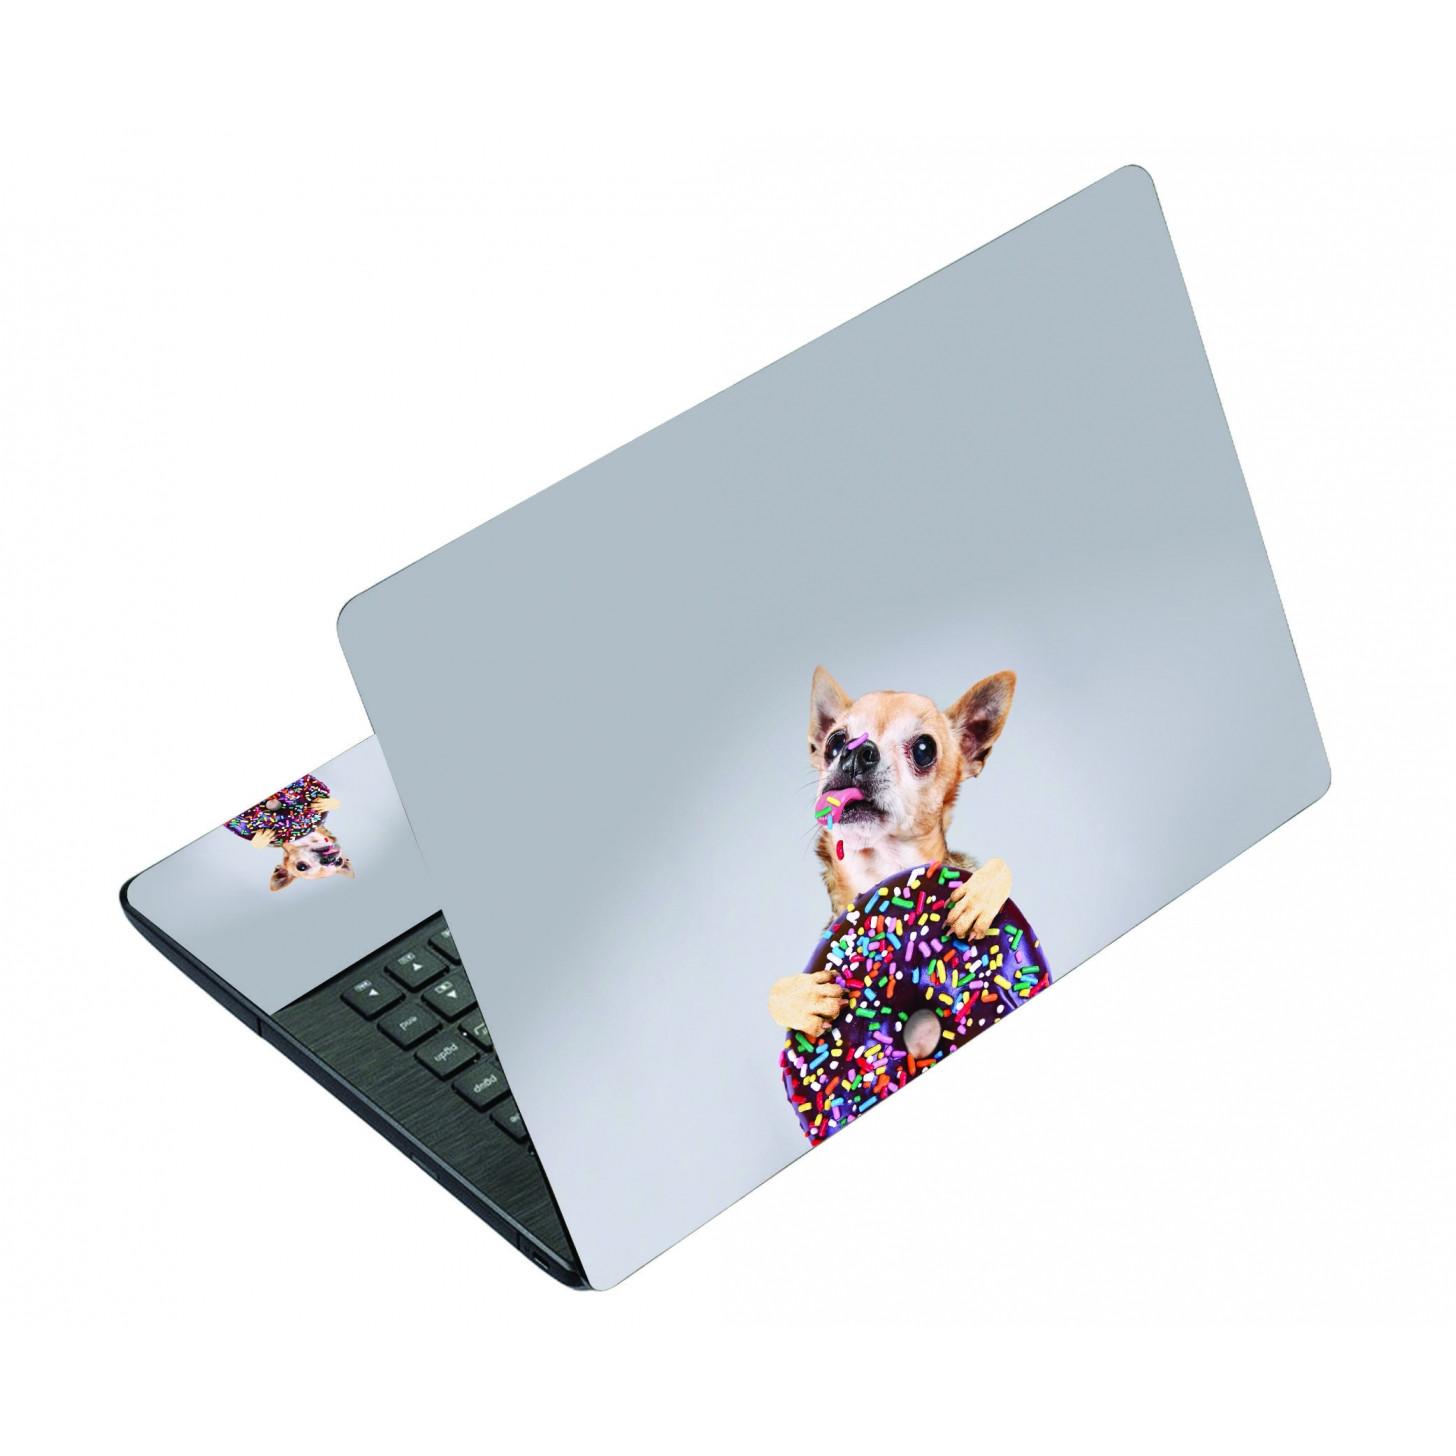 Miếng Dán Decal Dành Cho Laptop Mẫu Nghệ Thuật LTNT- 608 cỡ 13 inch